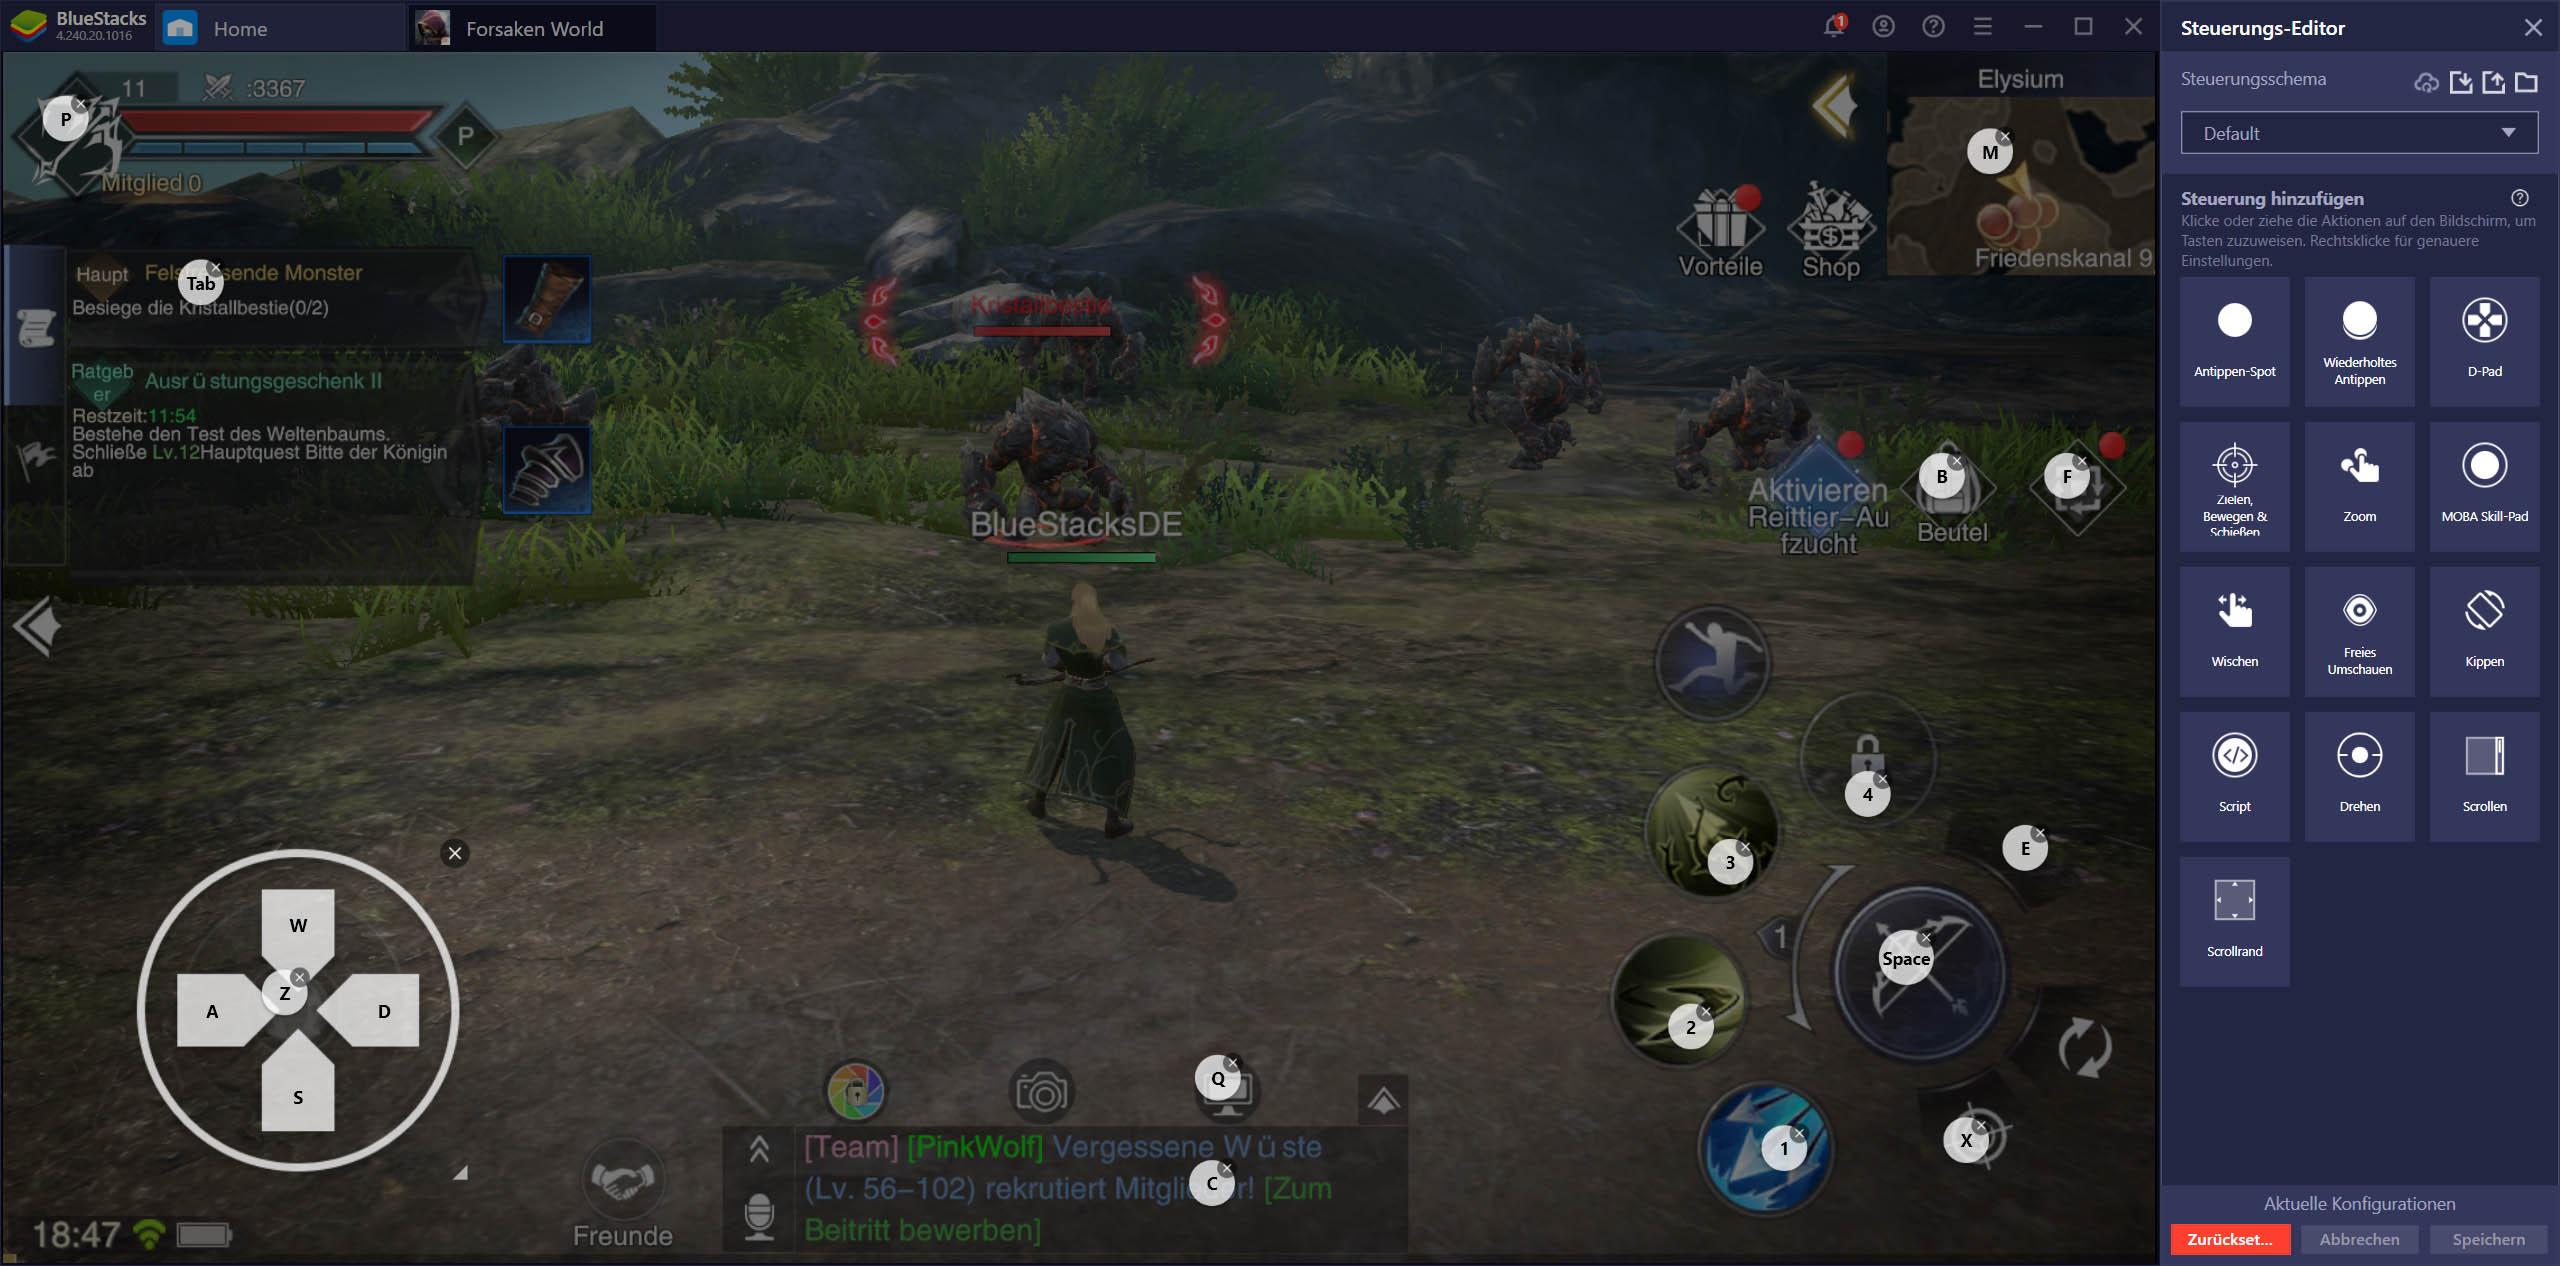 Forsaken World: Gods and Demons auf dem PC – So verwendest du unsere BlueStacks-Werkzeuge für ein noch besseres Spielerlebnis